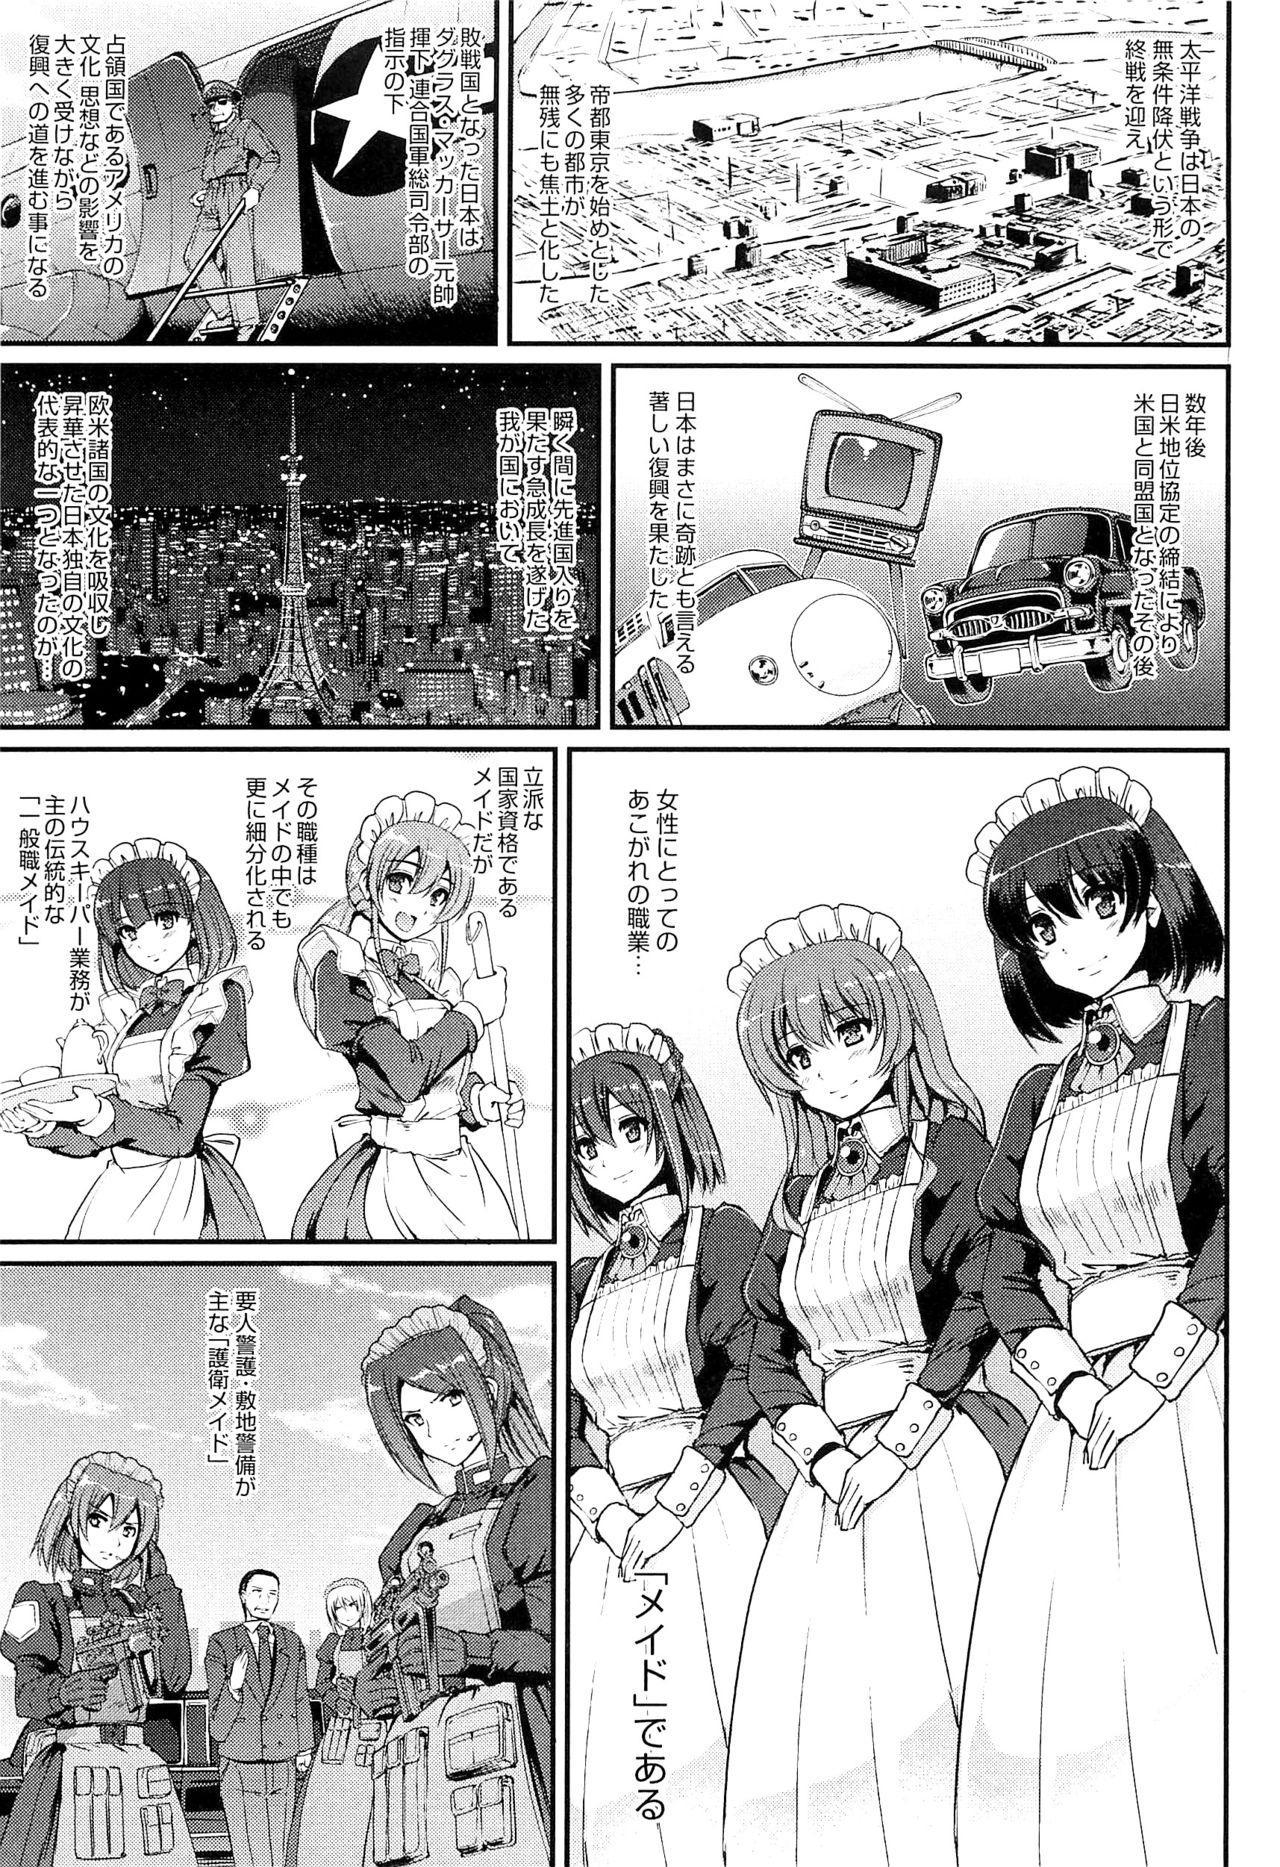 Maid Gakuen e Youkoso!! - Welcome to Maid Academy 12